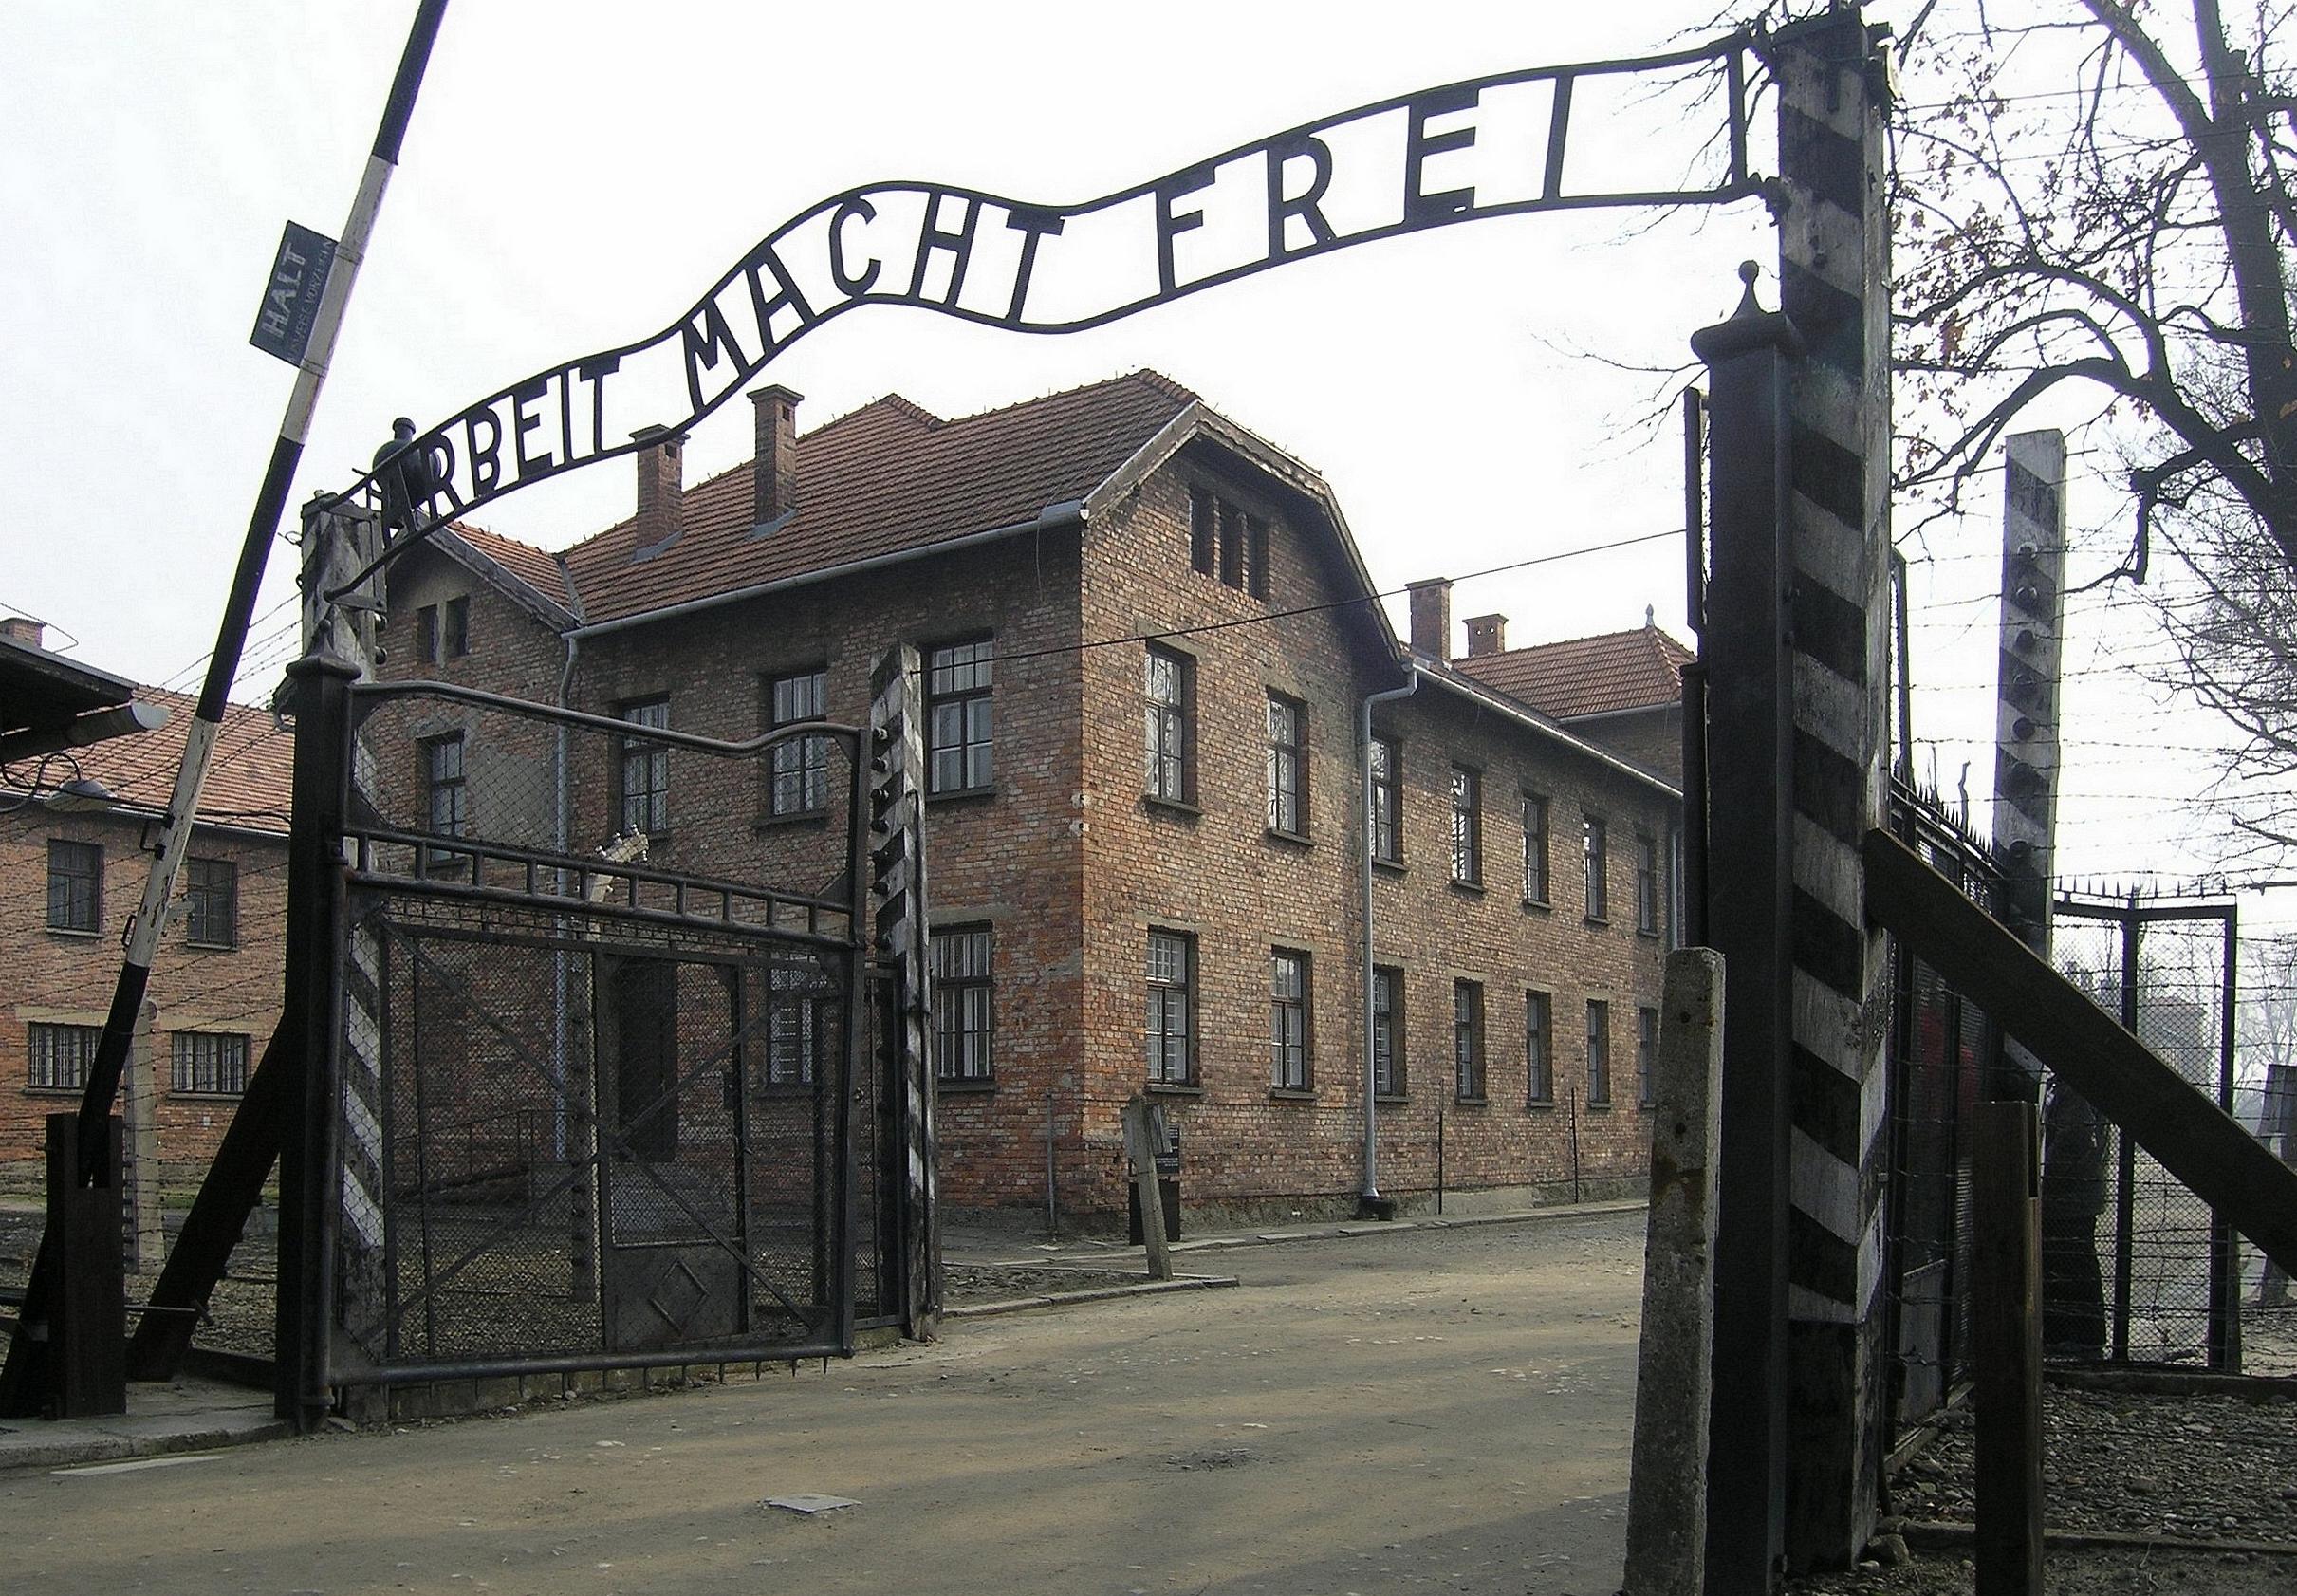 Eingangstor_des_KZ_Auschwitz,_Arbeit_macht_frei_(2007).jpg